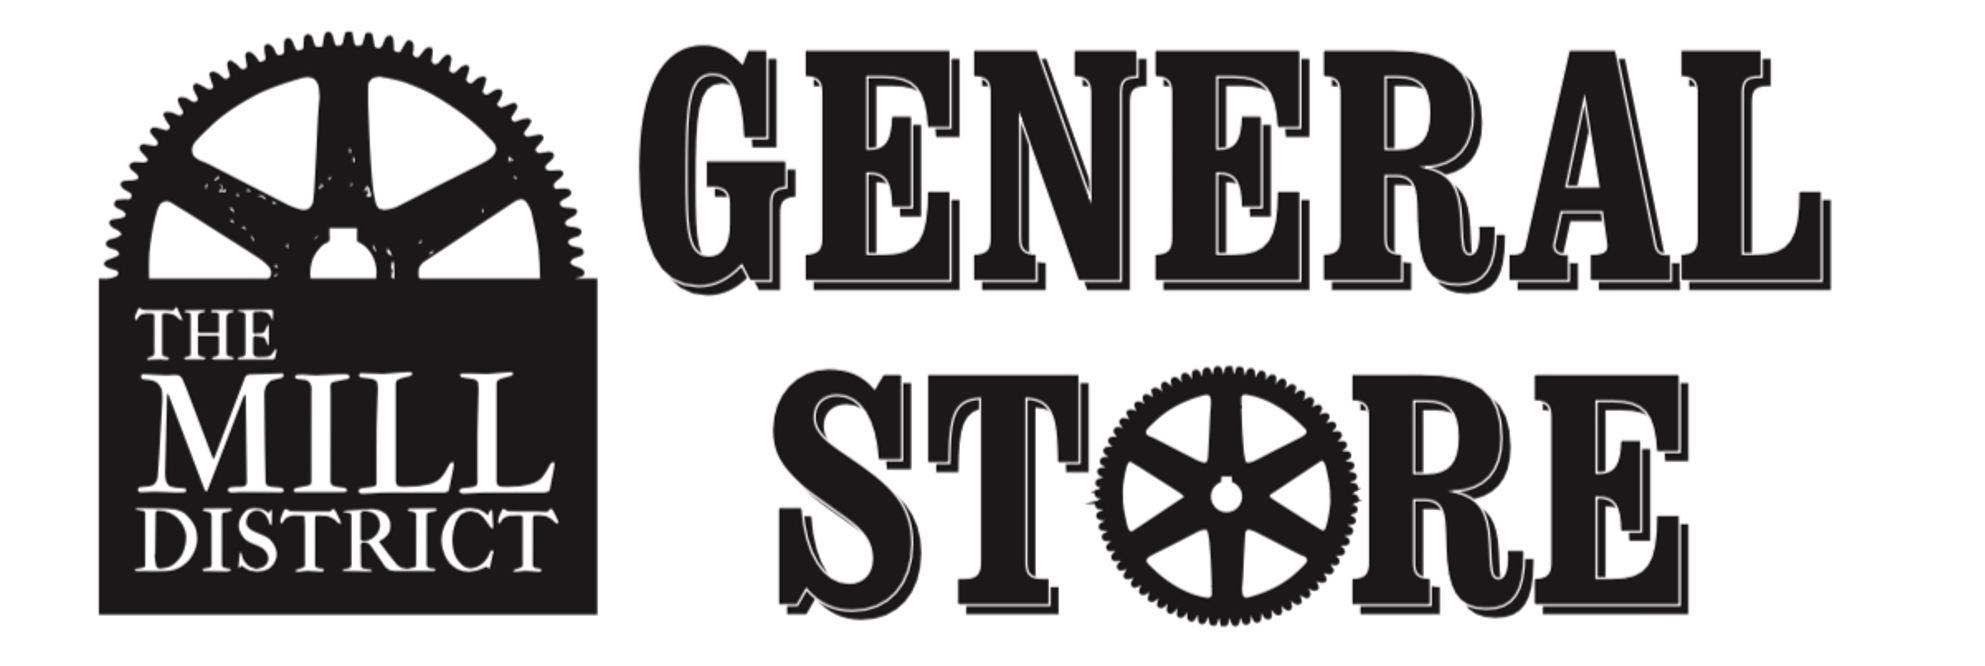 https://growthzonesitesprod.azureedge.net/wp-content/uploads/sites/1693/2020/10/GeneralStore.png